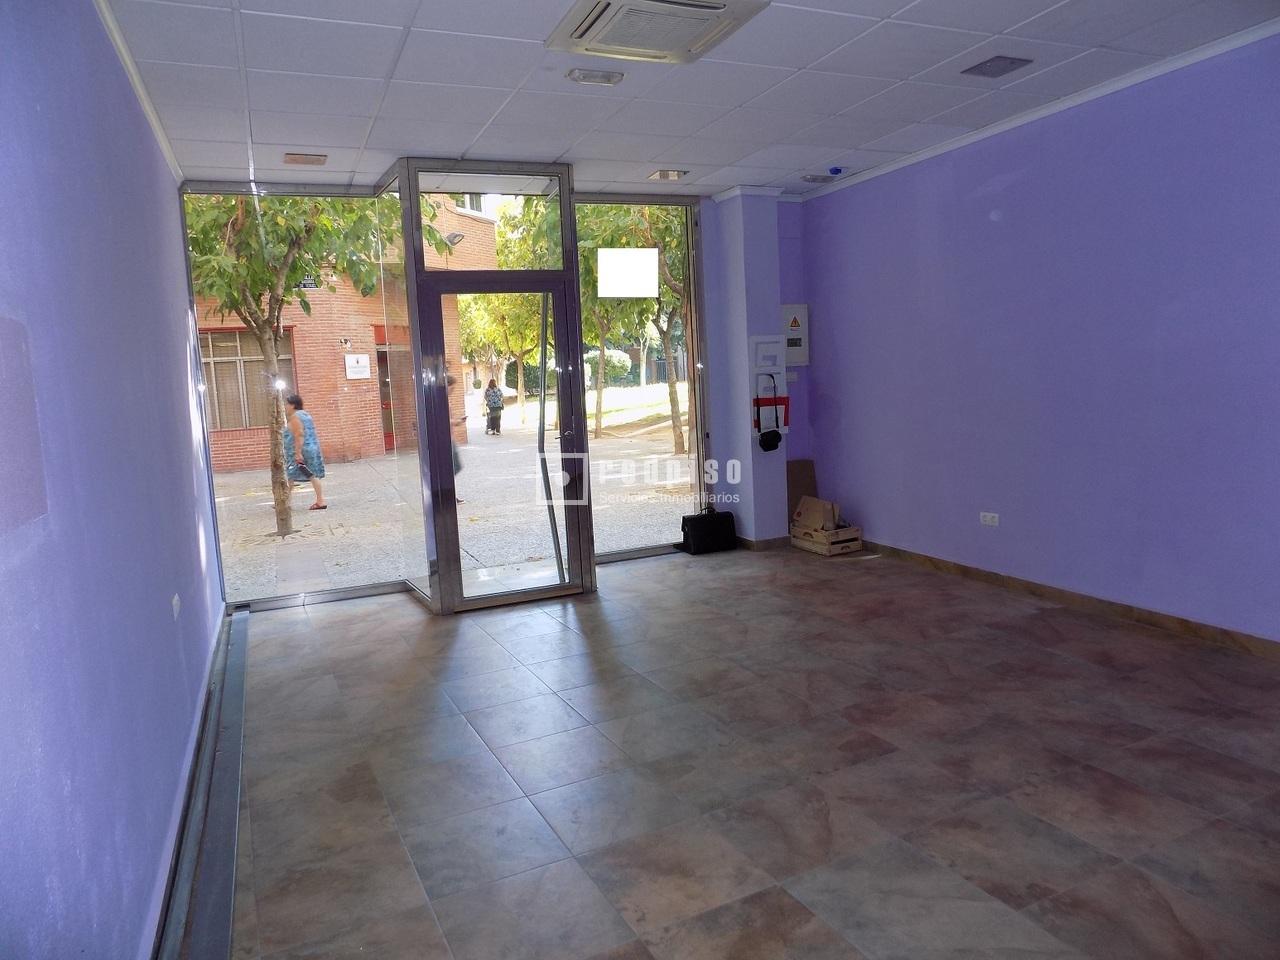 Local comercial en alquiler en calle andorra de teruel 2 for Pisos alquiler andorra teruel